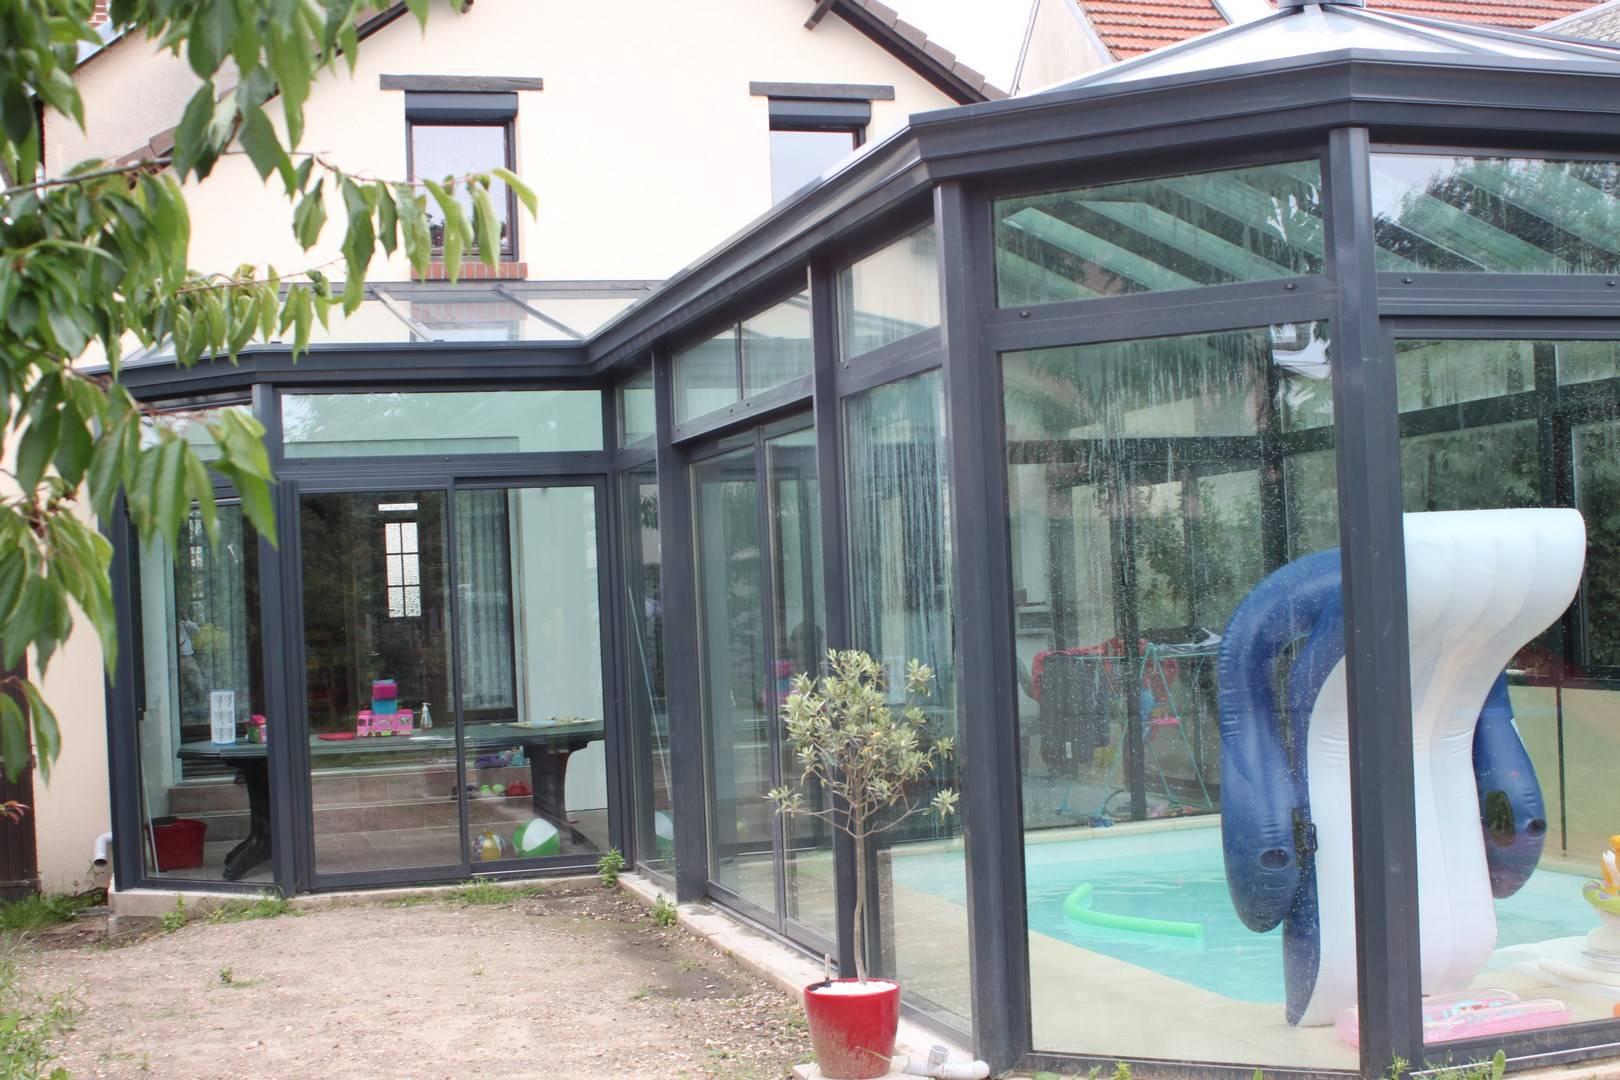 Faire construire une véranda sur mesure pour abriter une piscine en Seine maritime 76 - Etanel